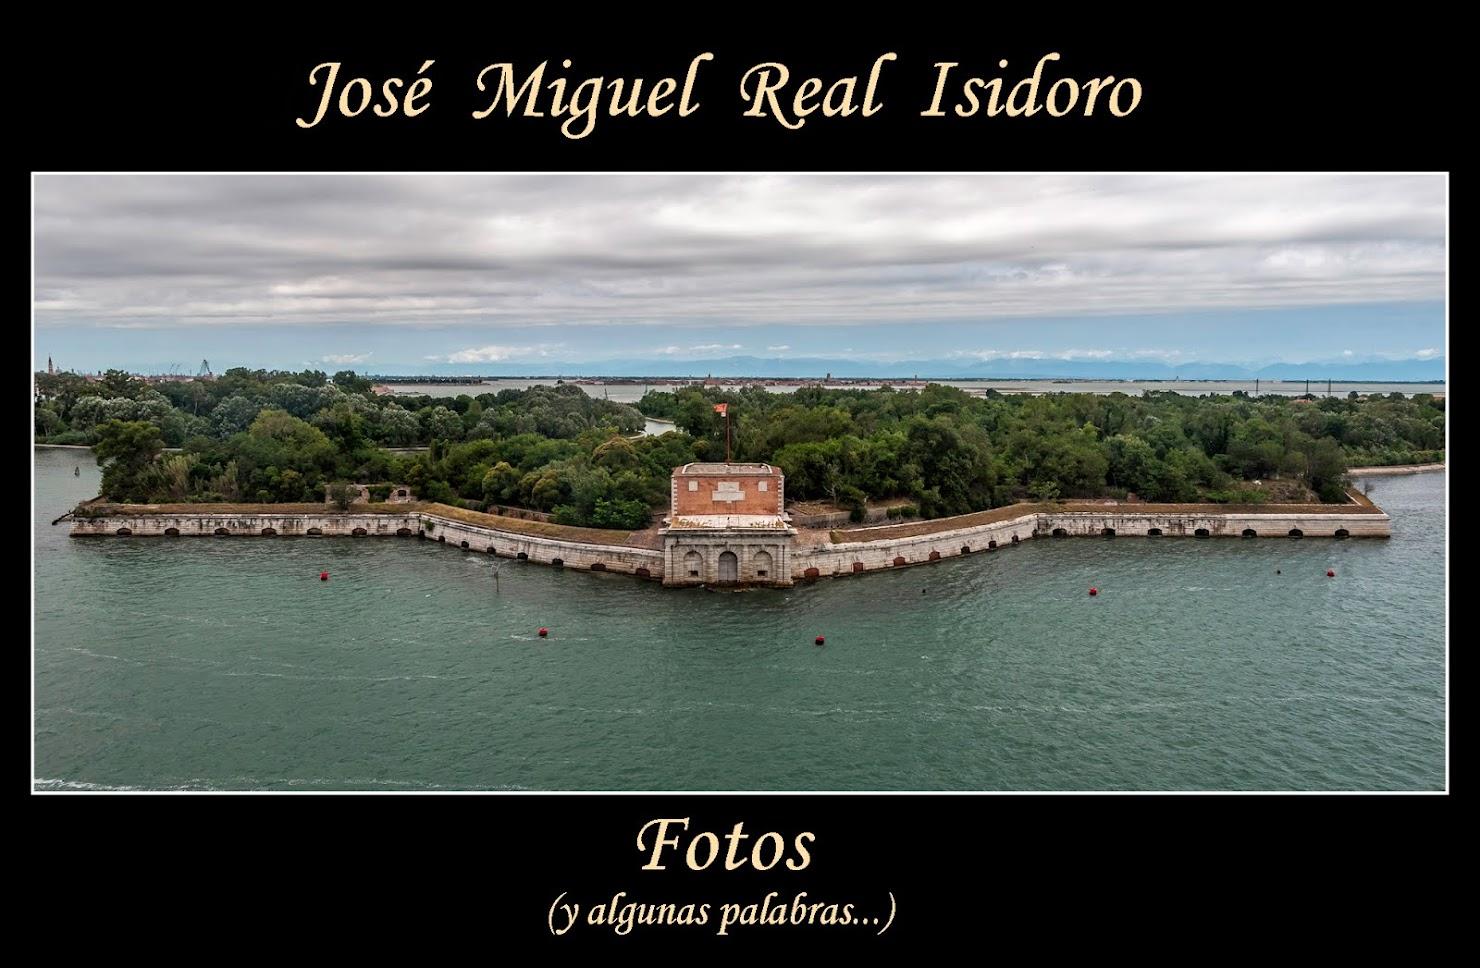 José Miguel Real Isidoro.                                 Fotos... (y algunas palabras)